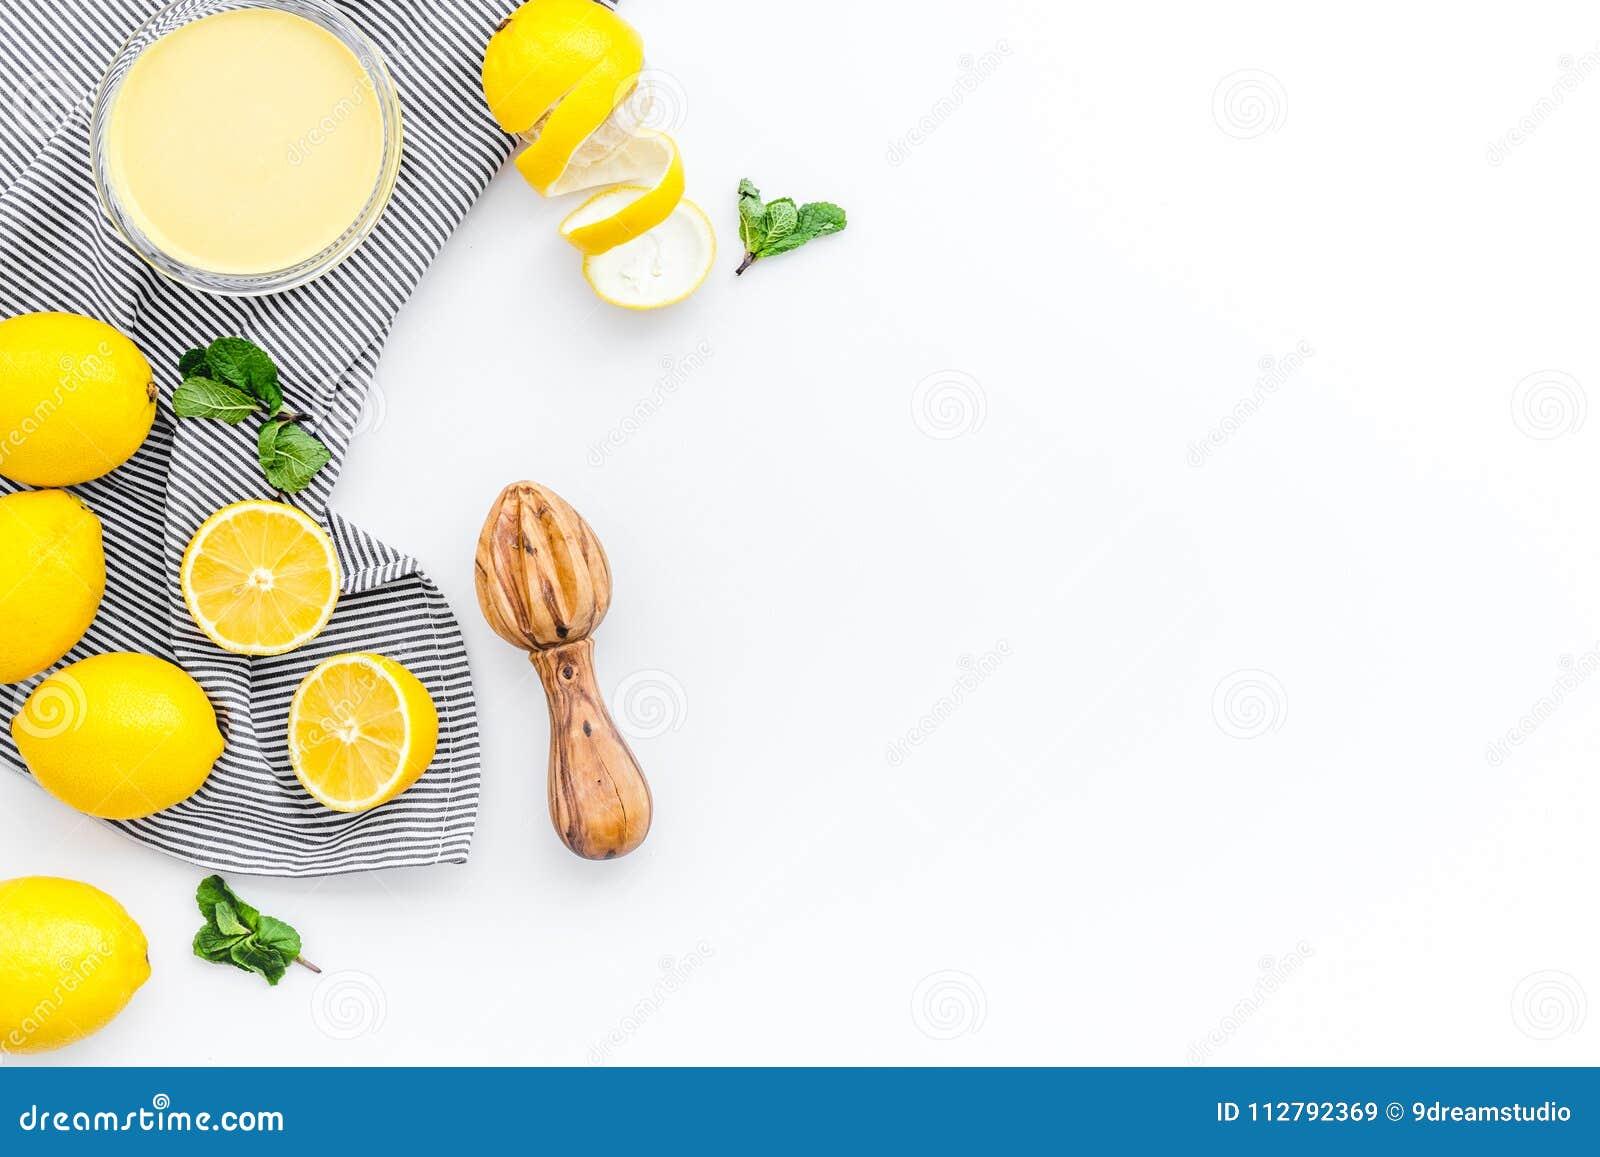 Cuajada de limón La crema dulce para los postres cerca de los limones y el juicer en la opinión superior del fondo blanco copian